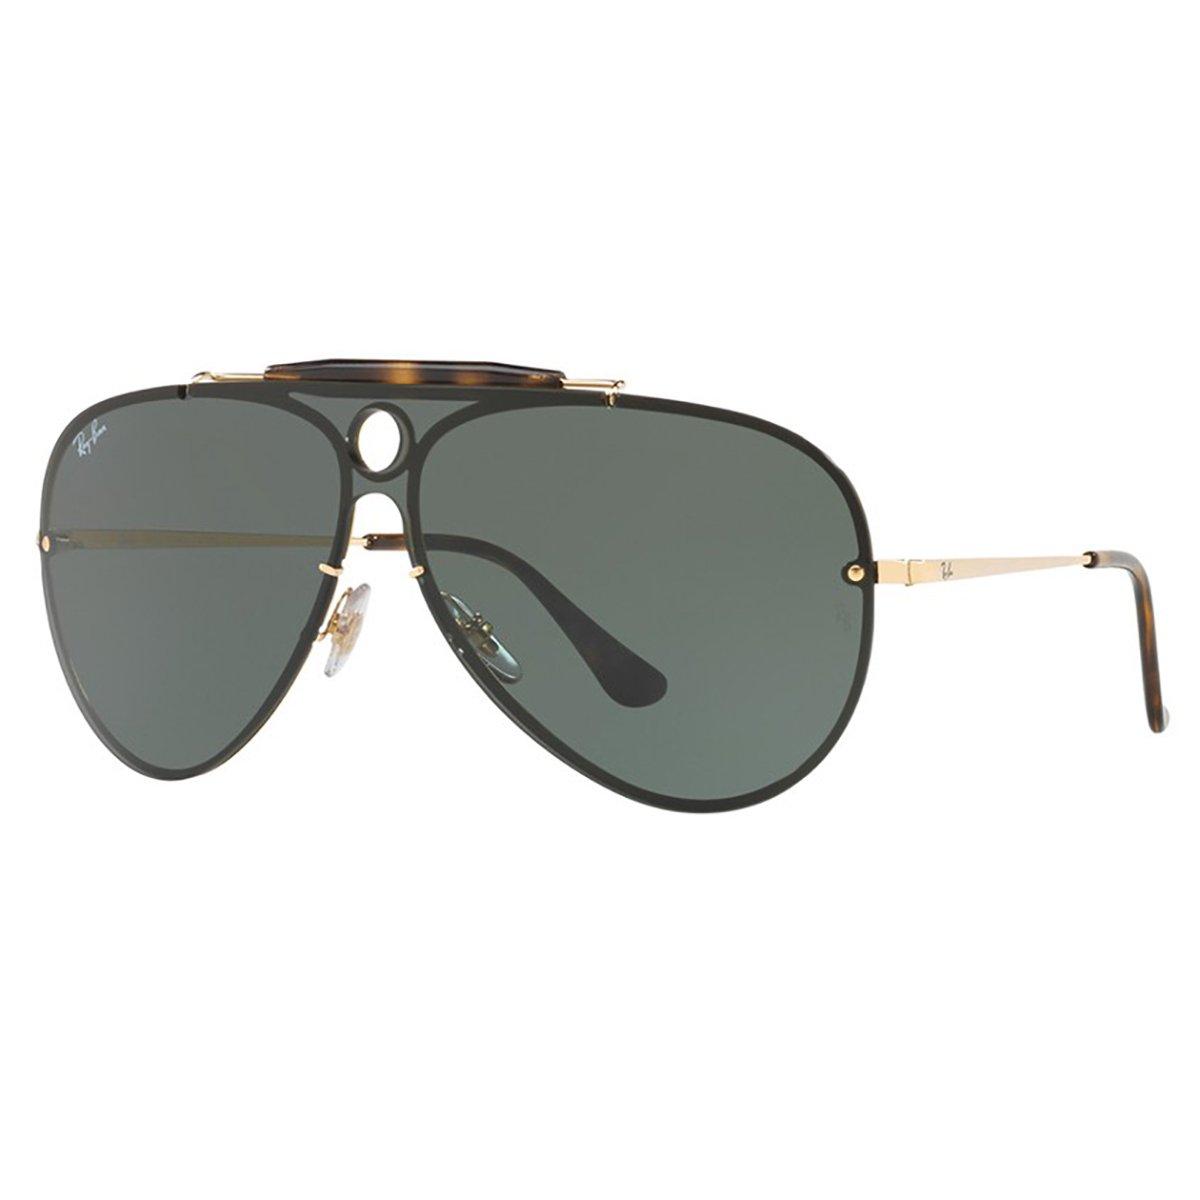 1da5a9b4eb0df Compre Óculos de Sol Ray Ban Blaze Shooter em 10X